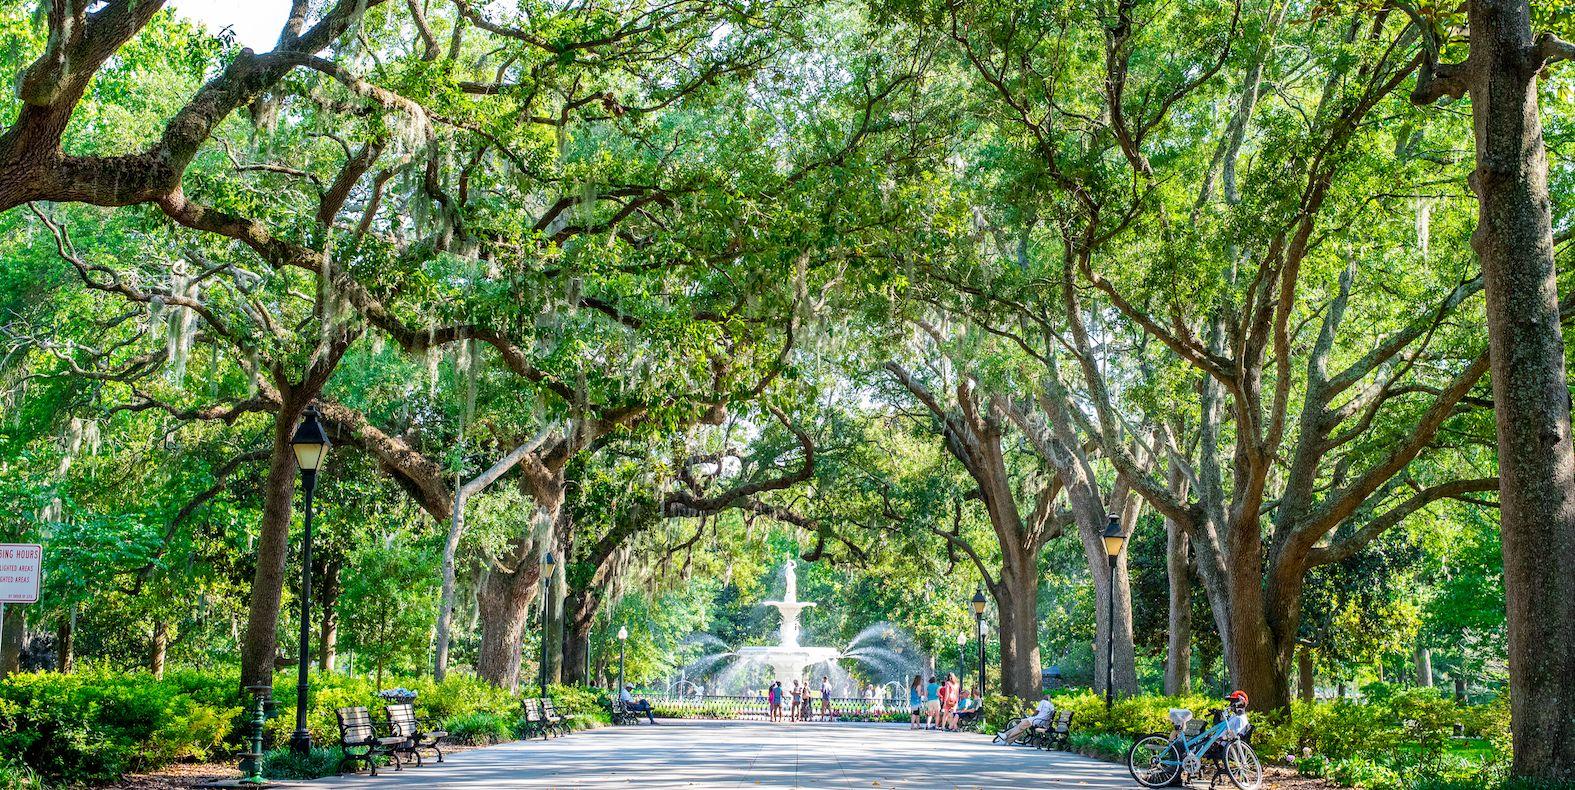 A Travel Guide to Savannah, Georgia